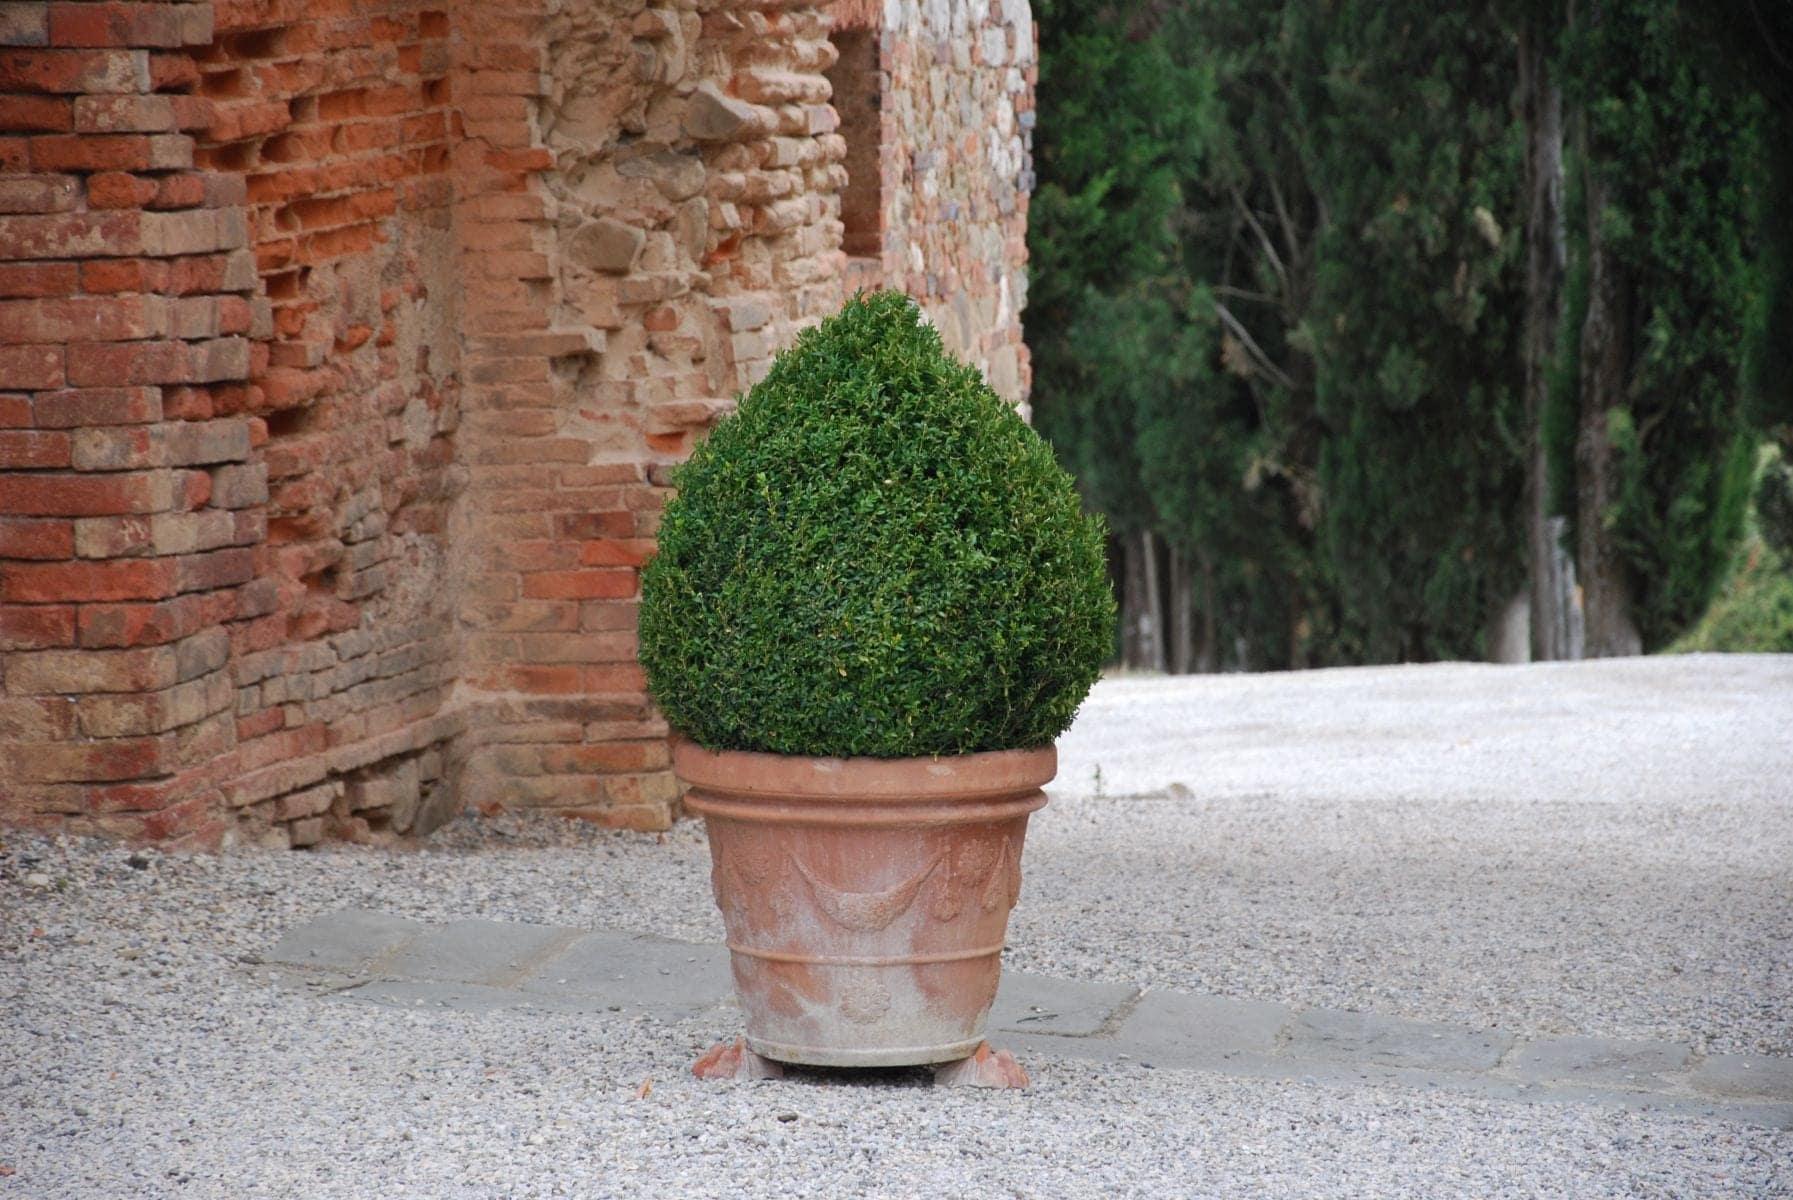 Vaso Festonato stora frosttåliga Italienska krukor terracottakrukor för medelhavsträdgården